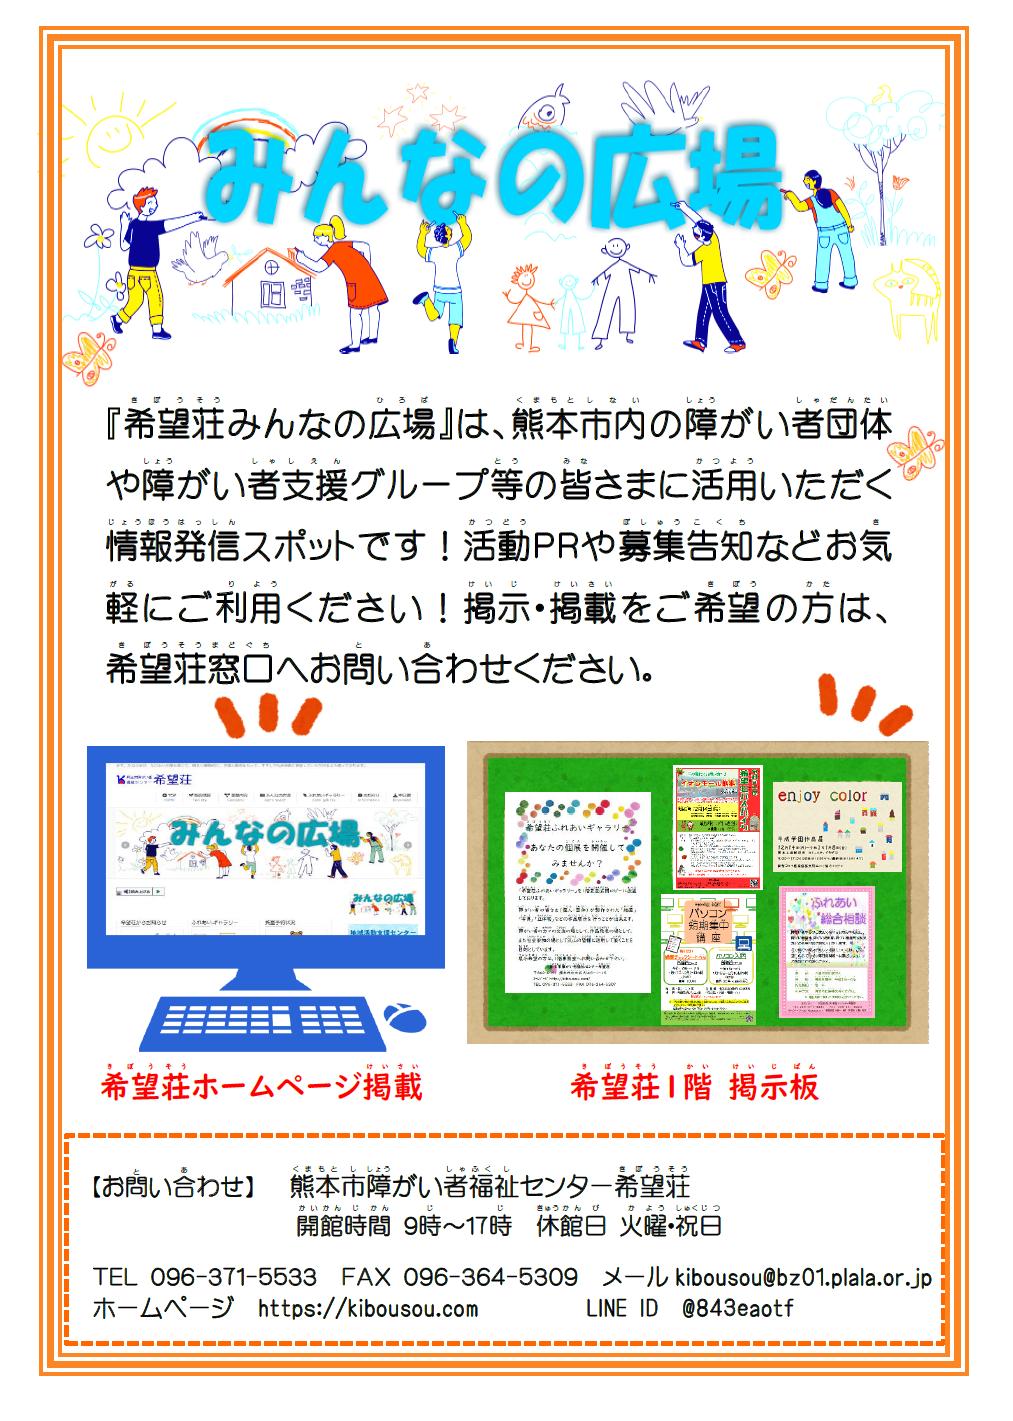 『希望荘みんなの広場』は、熊本市内の障がい者団体や障がい者支援グループ等の皆さまに活用いただく情報発信スポットです!活動PRや募集告知などお気軽にご利用ください!掲示・掲載をご希望の方は、希望荘窓口へお問い合わせください。